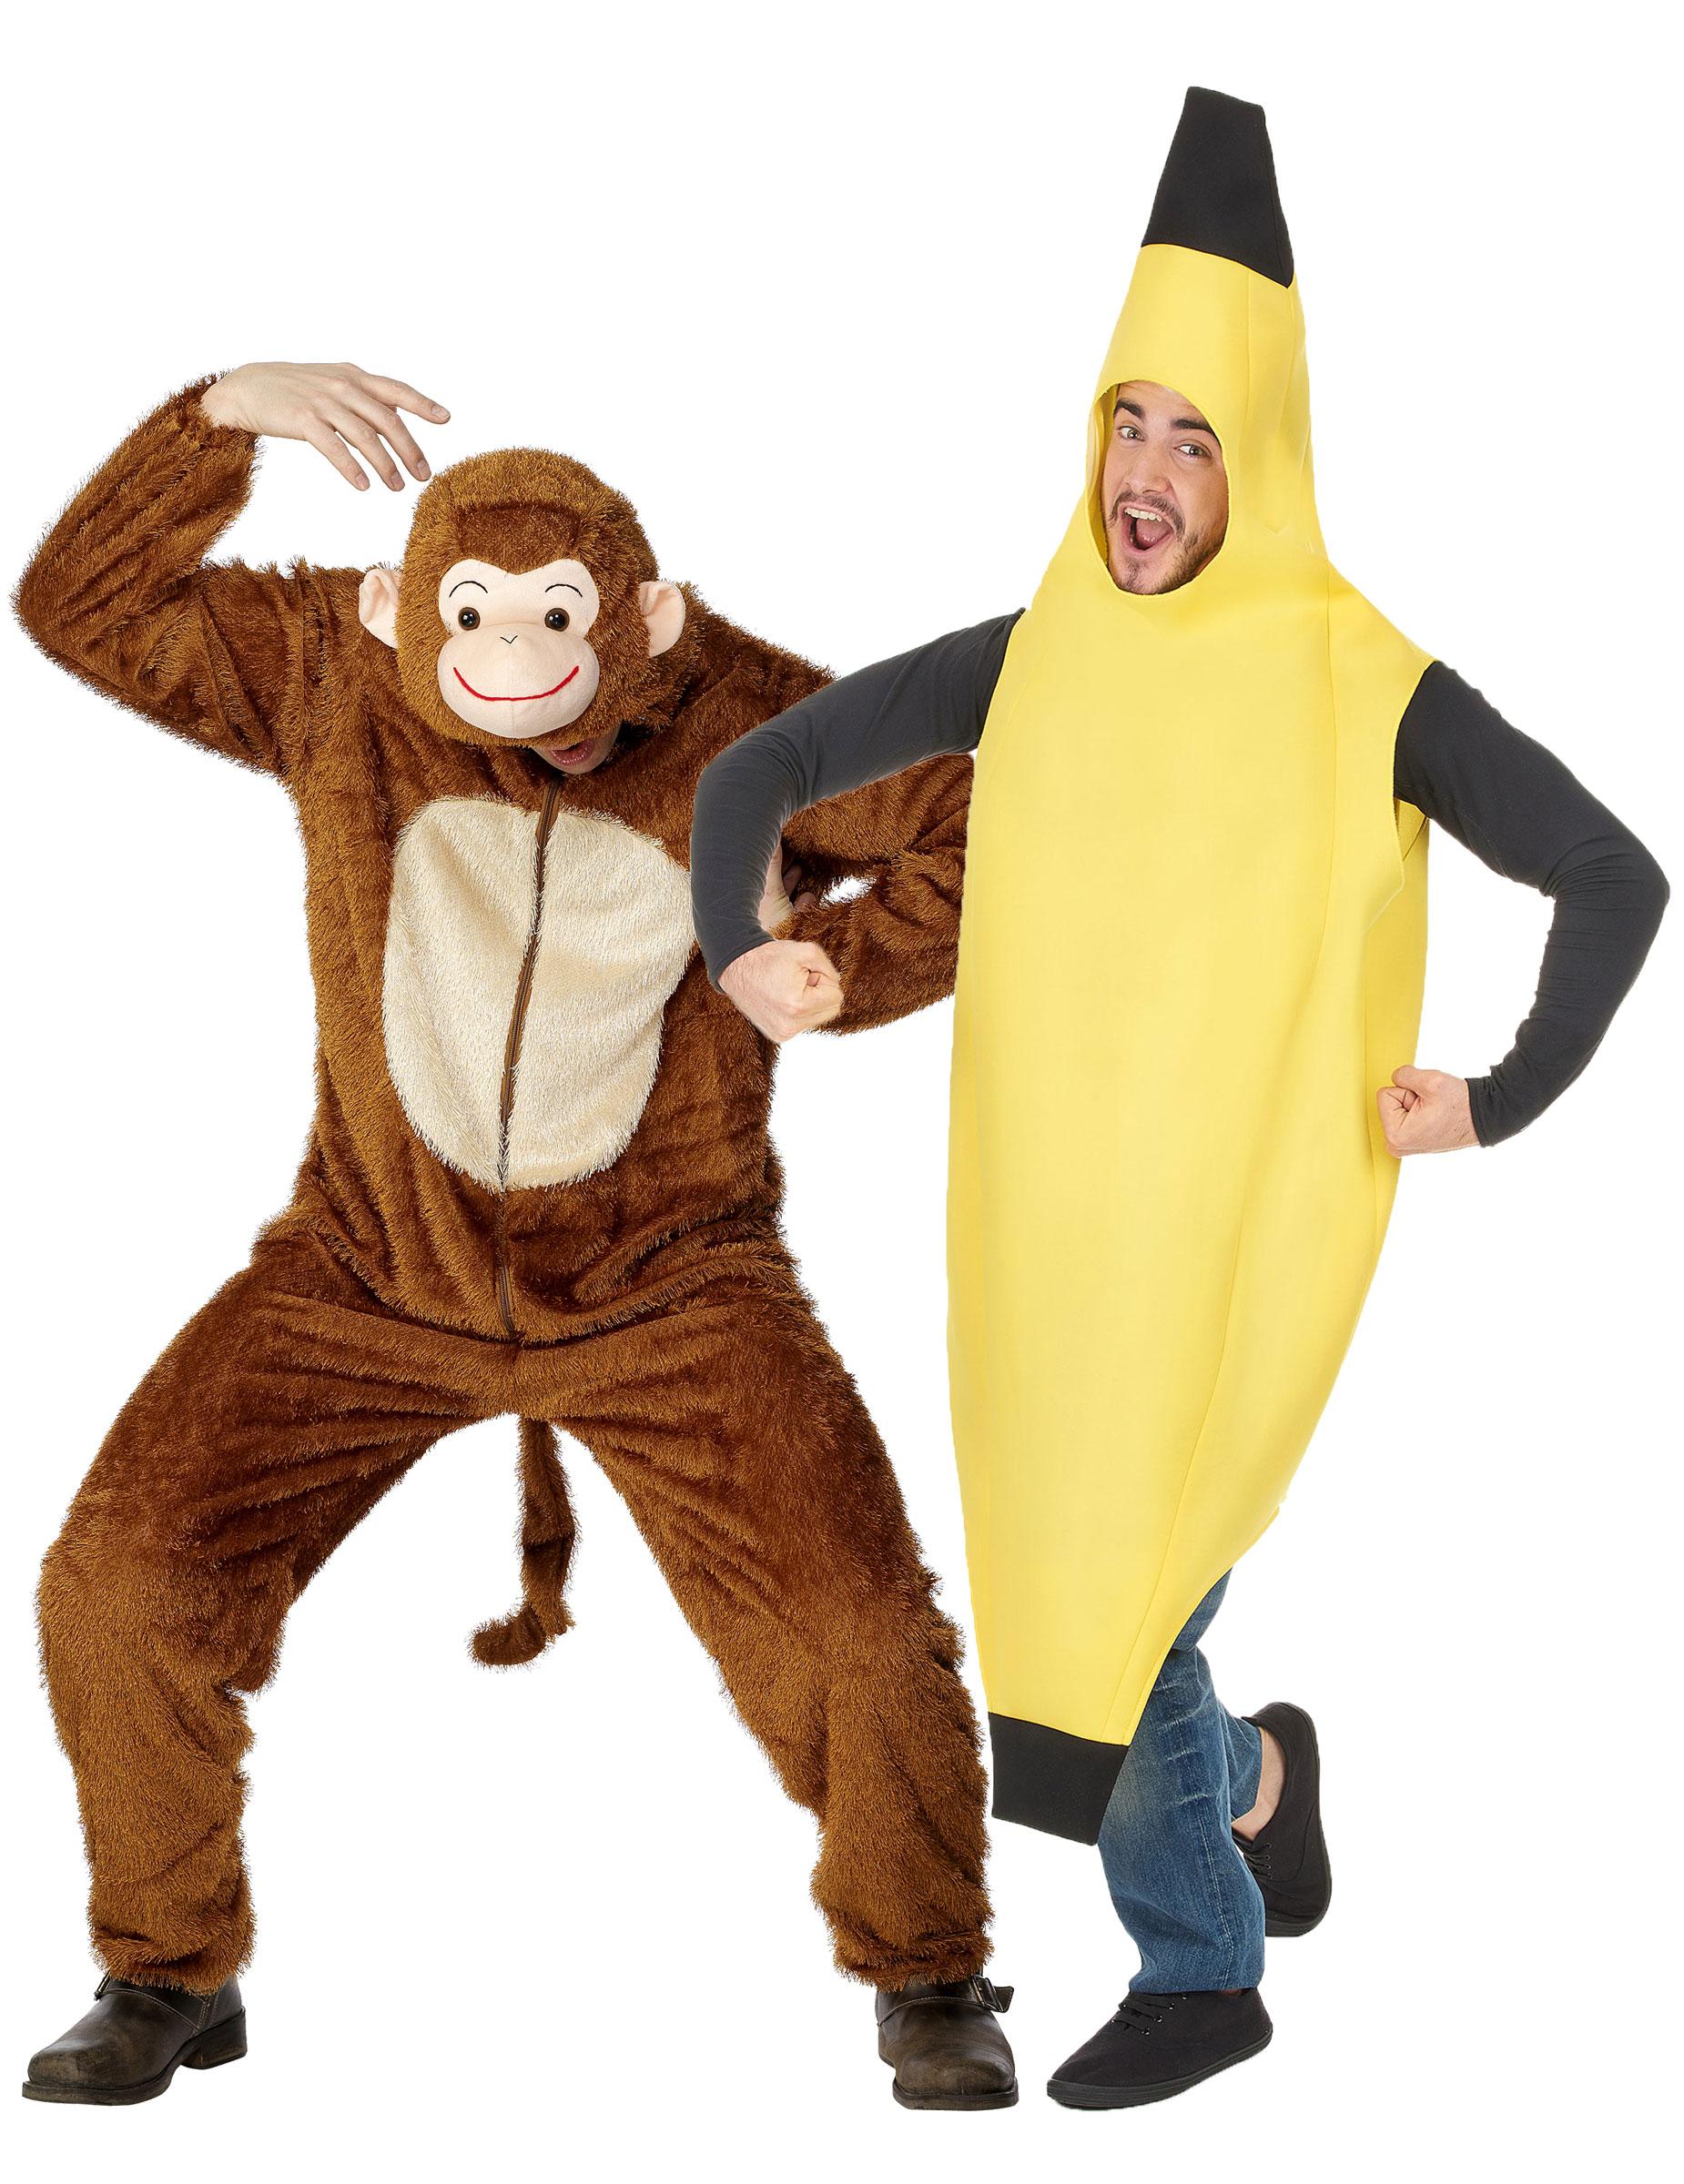 d guisement couple singe et banane adulte d coration anniversaire et f tes th me sur vegaoo party. Black Bedroom Furniture Sets. Home Design Ideas